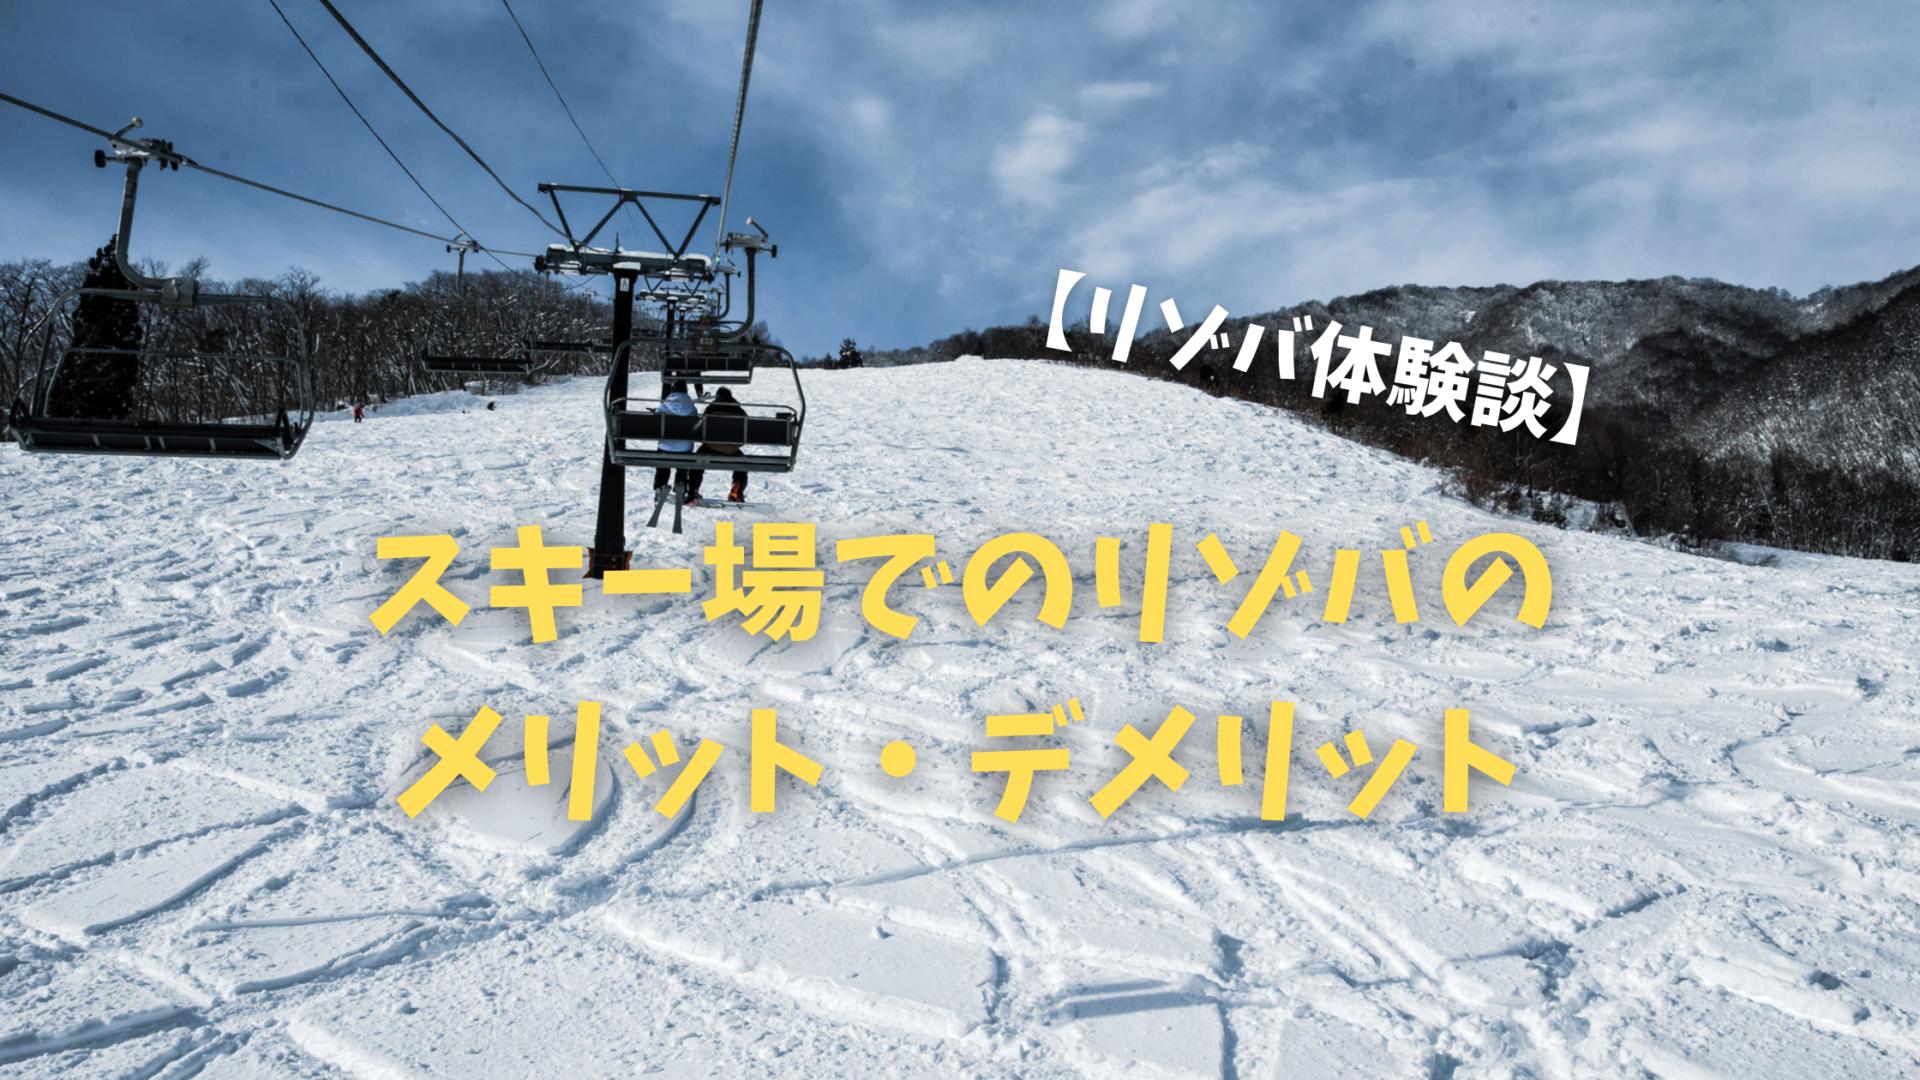 【リゾバ体験談】スキー場でのリゾバのメリット・デメリット